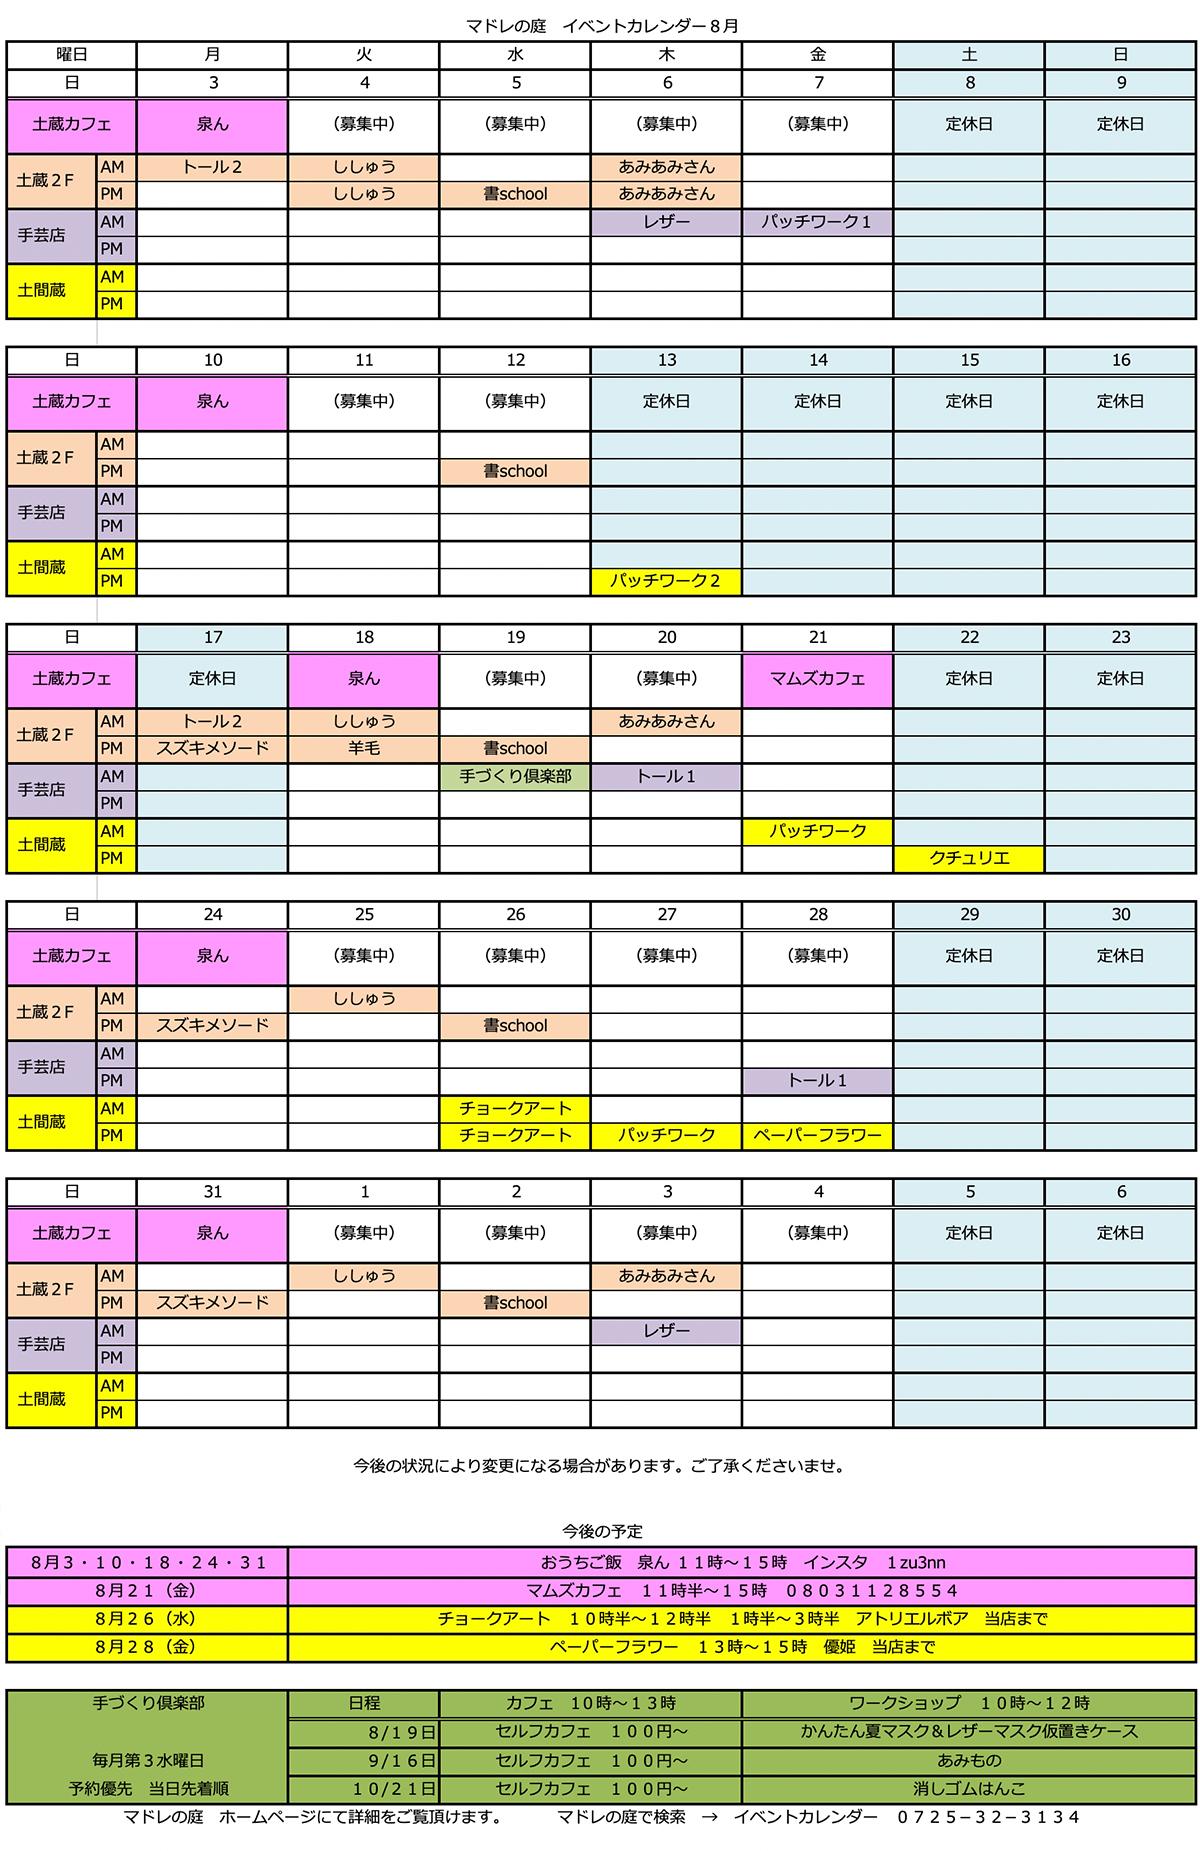 202008 泉大津市 マドレの庭イベントカレンダー レンタルカフェやクラフトワークショップなど開催日のお知らせです。